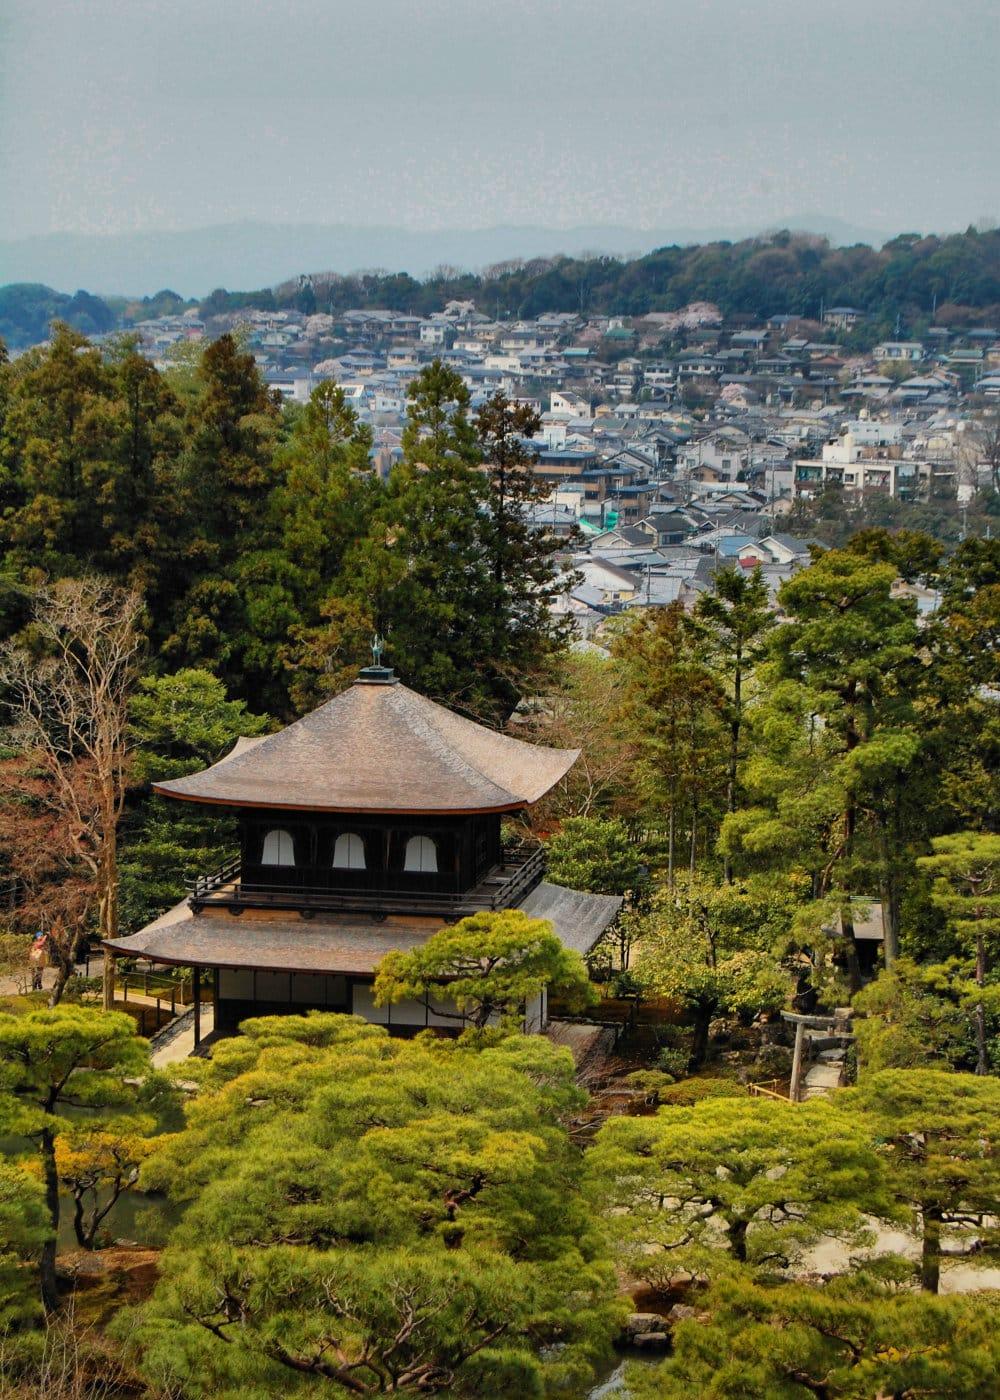 Cosas que ver en Kyoto - Ginkaku Pavilion